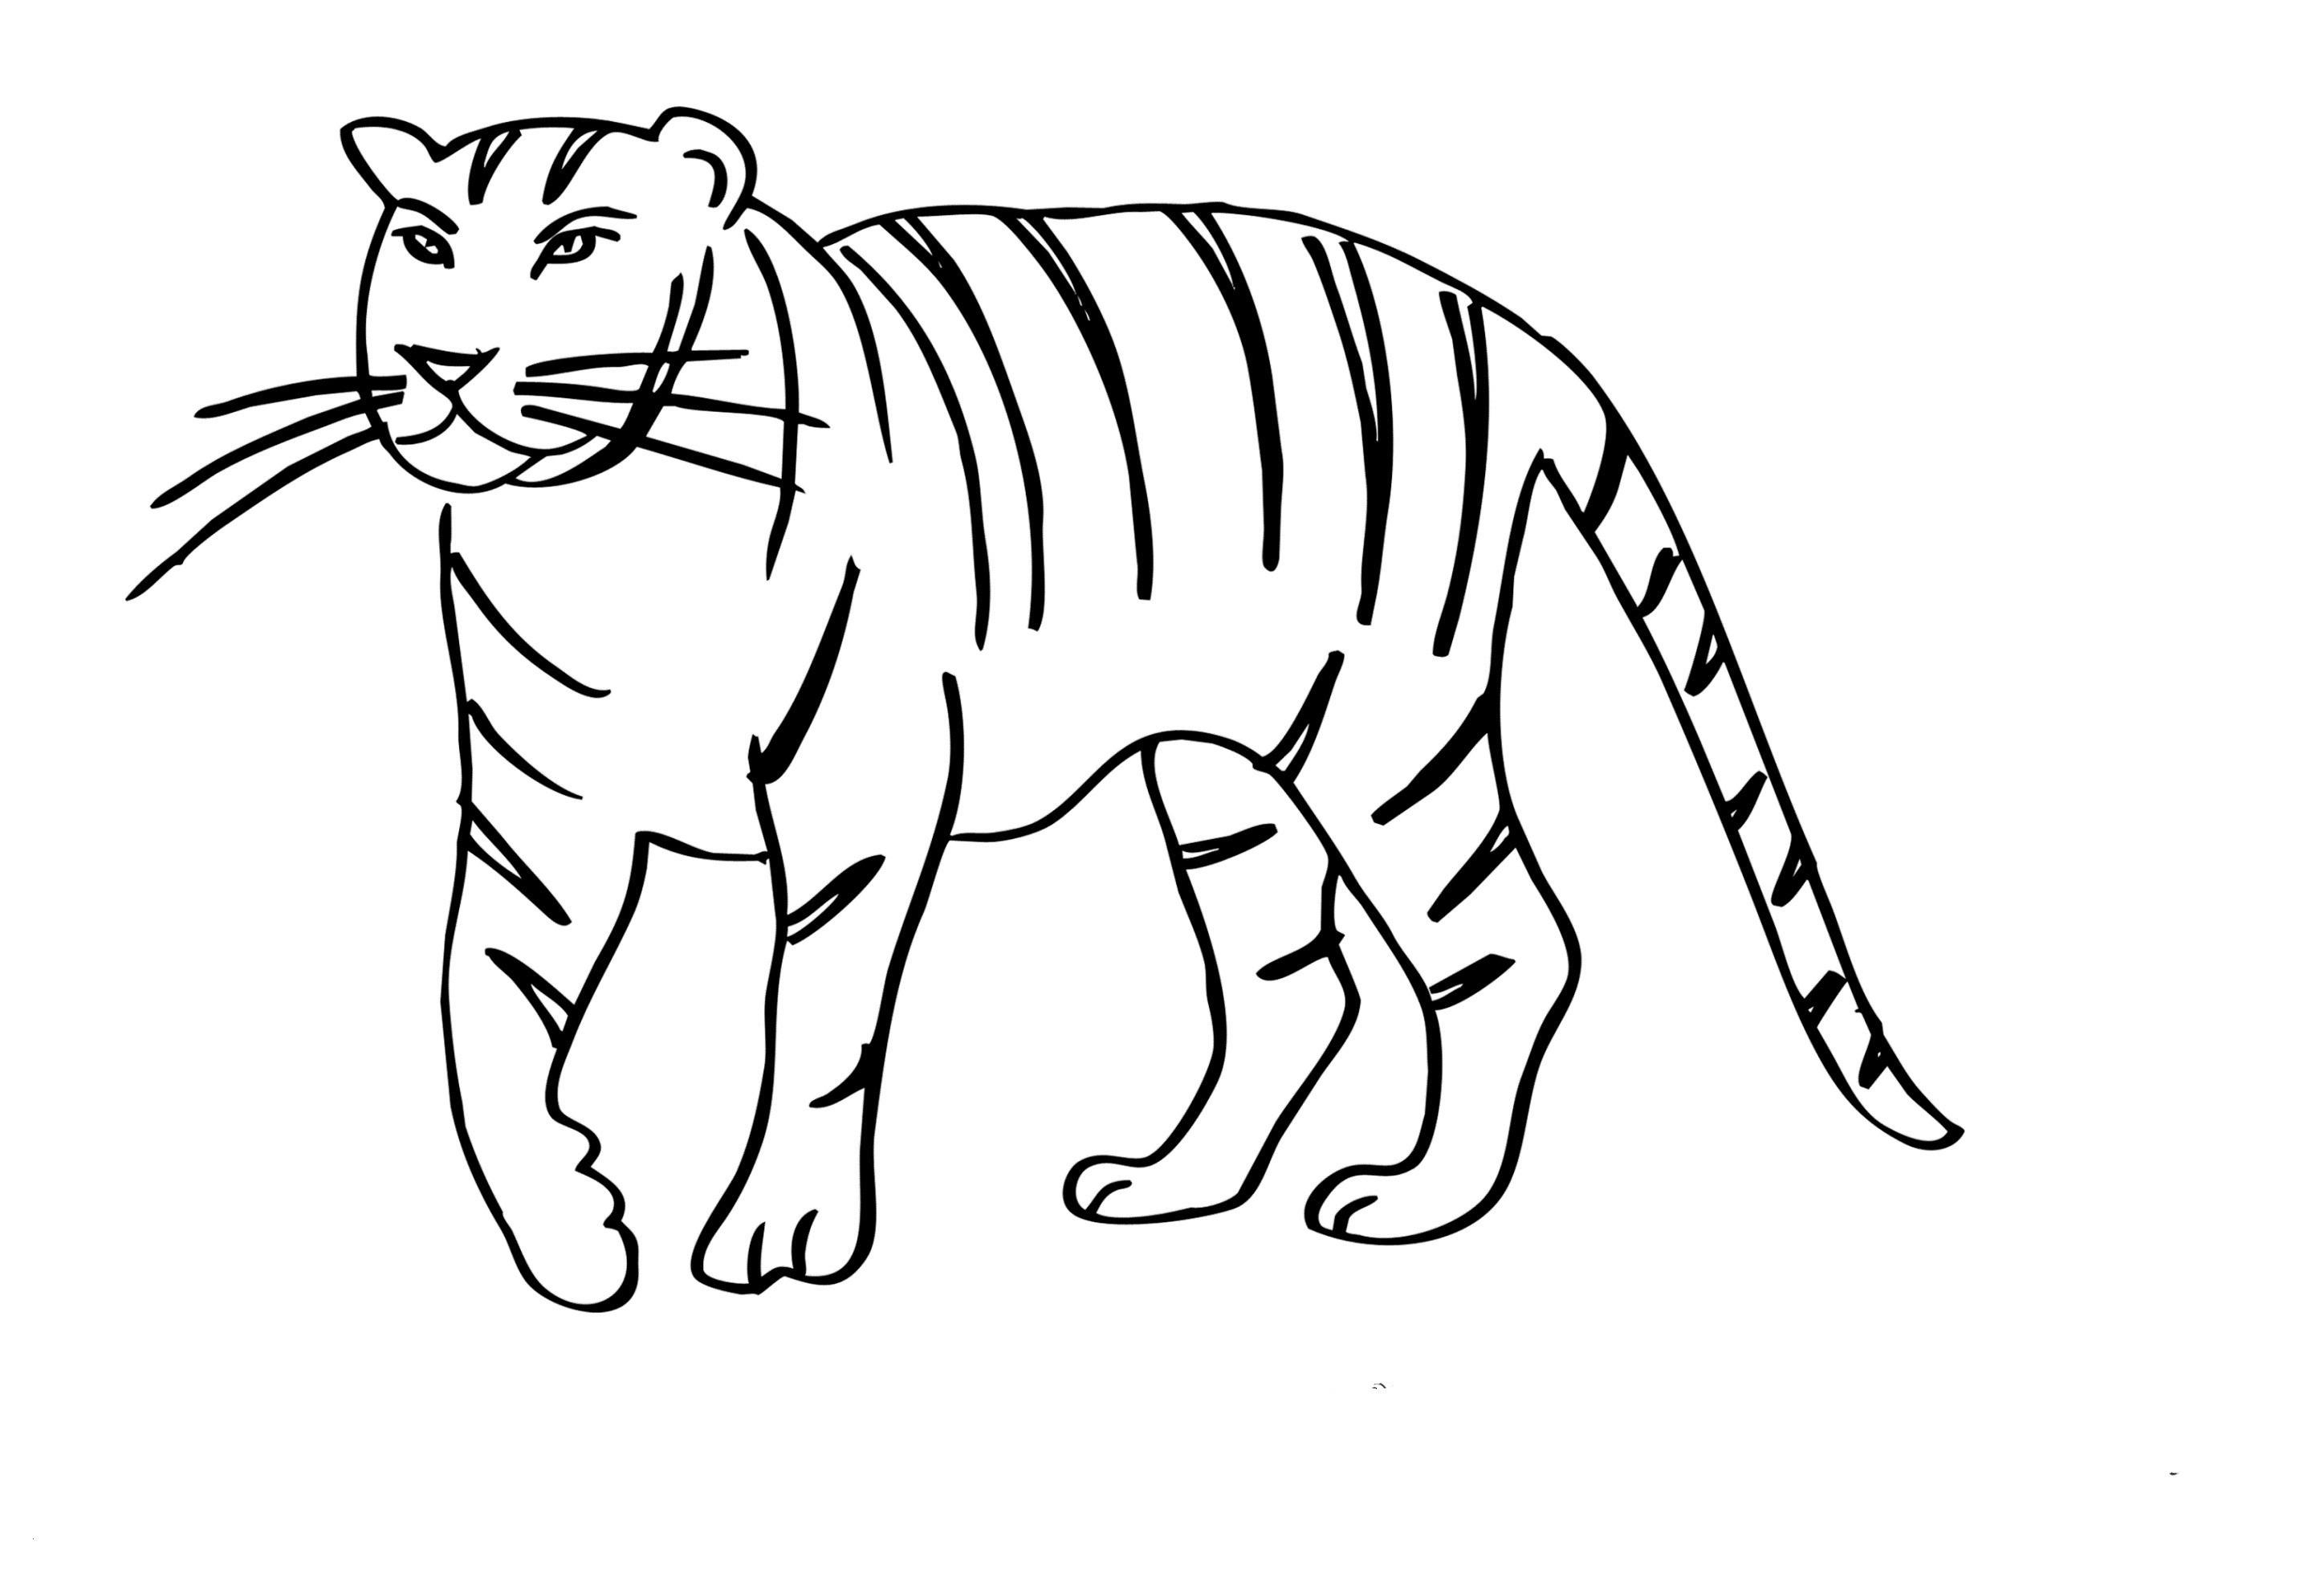 Unterwasserpflanzen Zum Ausmalen Genial Malvorlagen Tiger Das Beste Von Vorlagen Zum Ausmalen Malvorlagen Das Bild